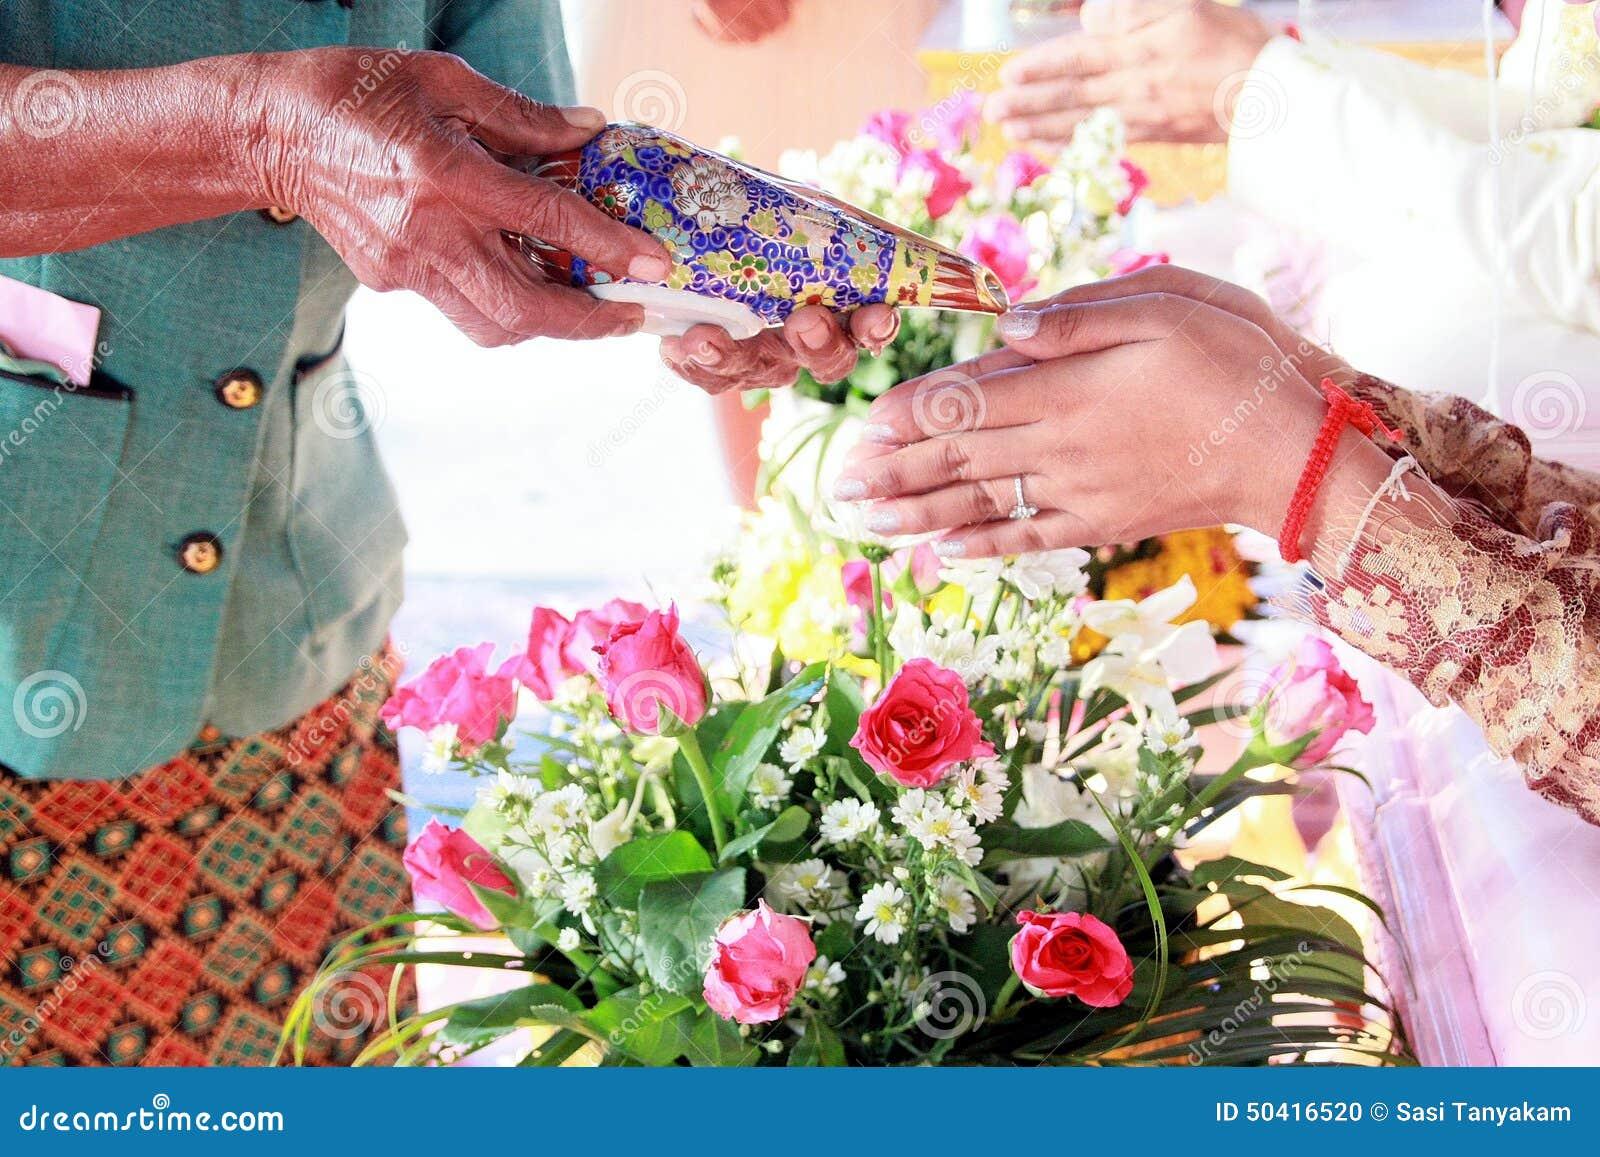 e6630f2c4379 Mano di una sposa che riceve acqua santa dagli anziani nella cerimonia di  nozze tailandese della